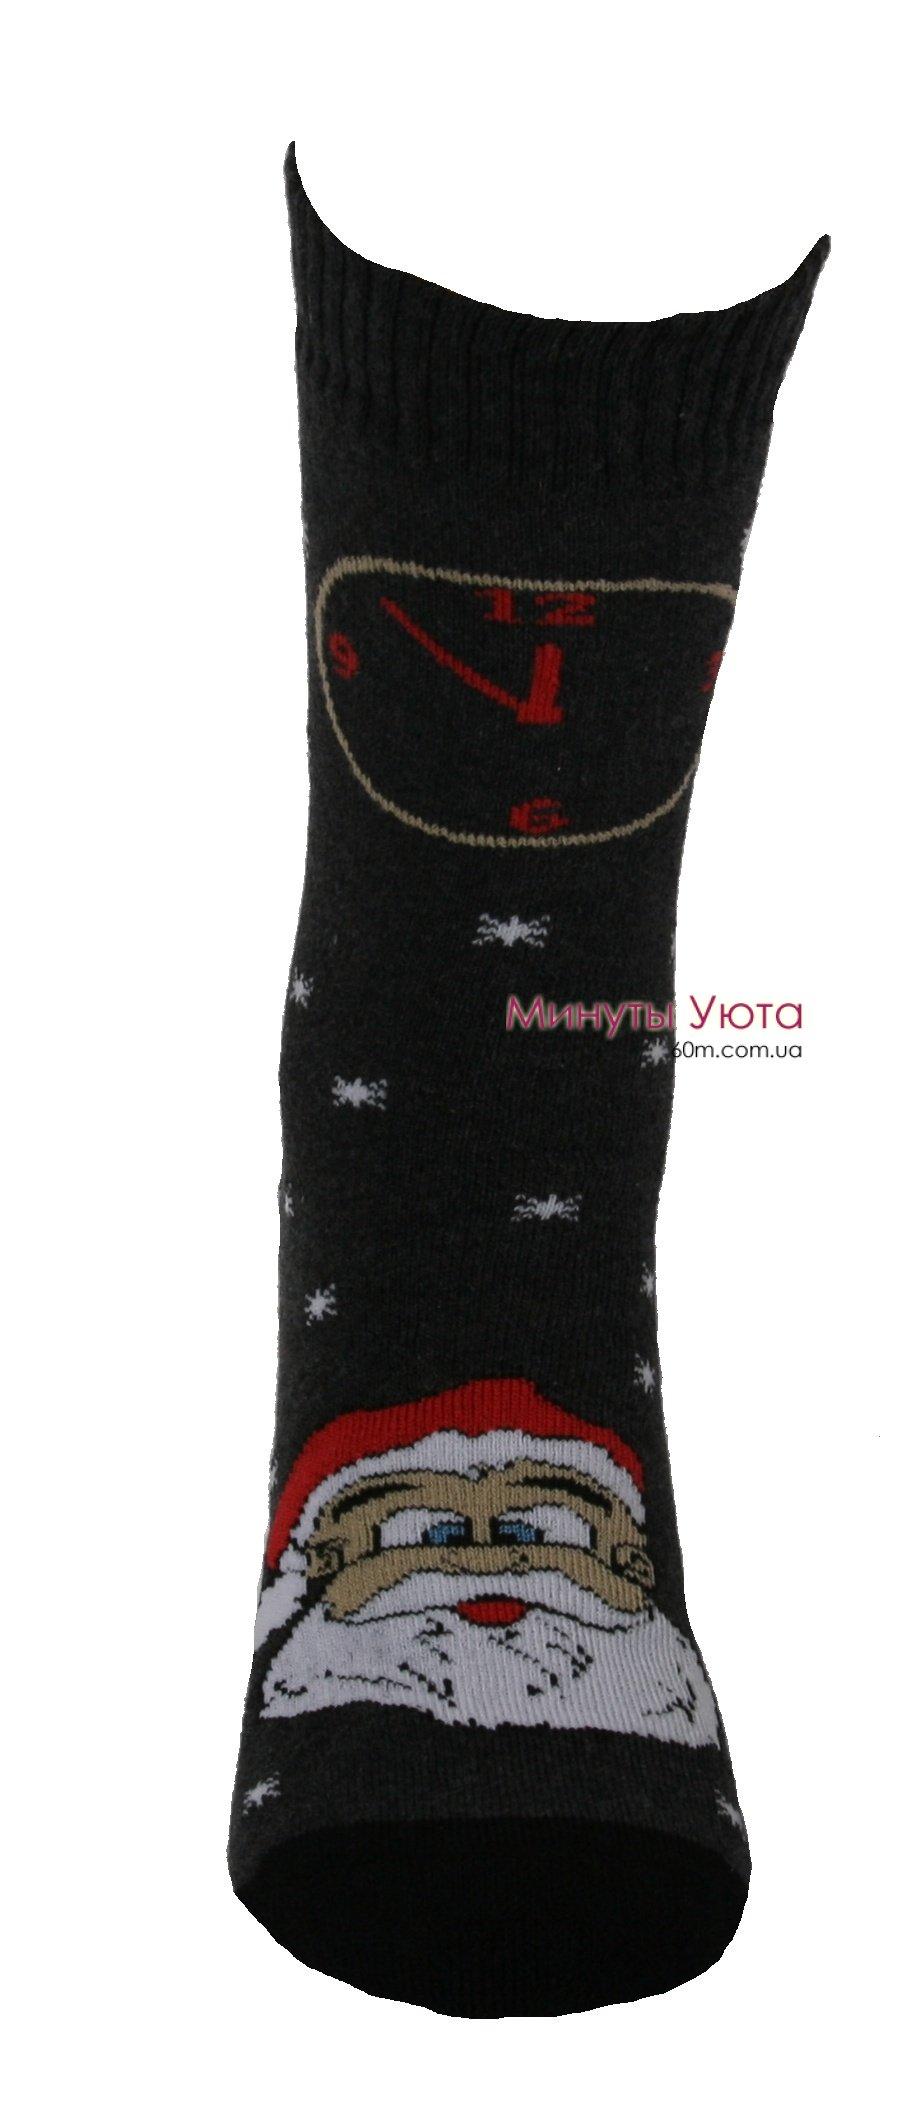 095cf17faab0e Теплые носки в темно-сером цвете с Дедом Морозом. Купить в Украине ...